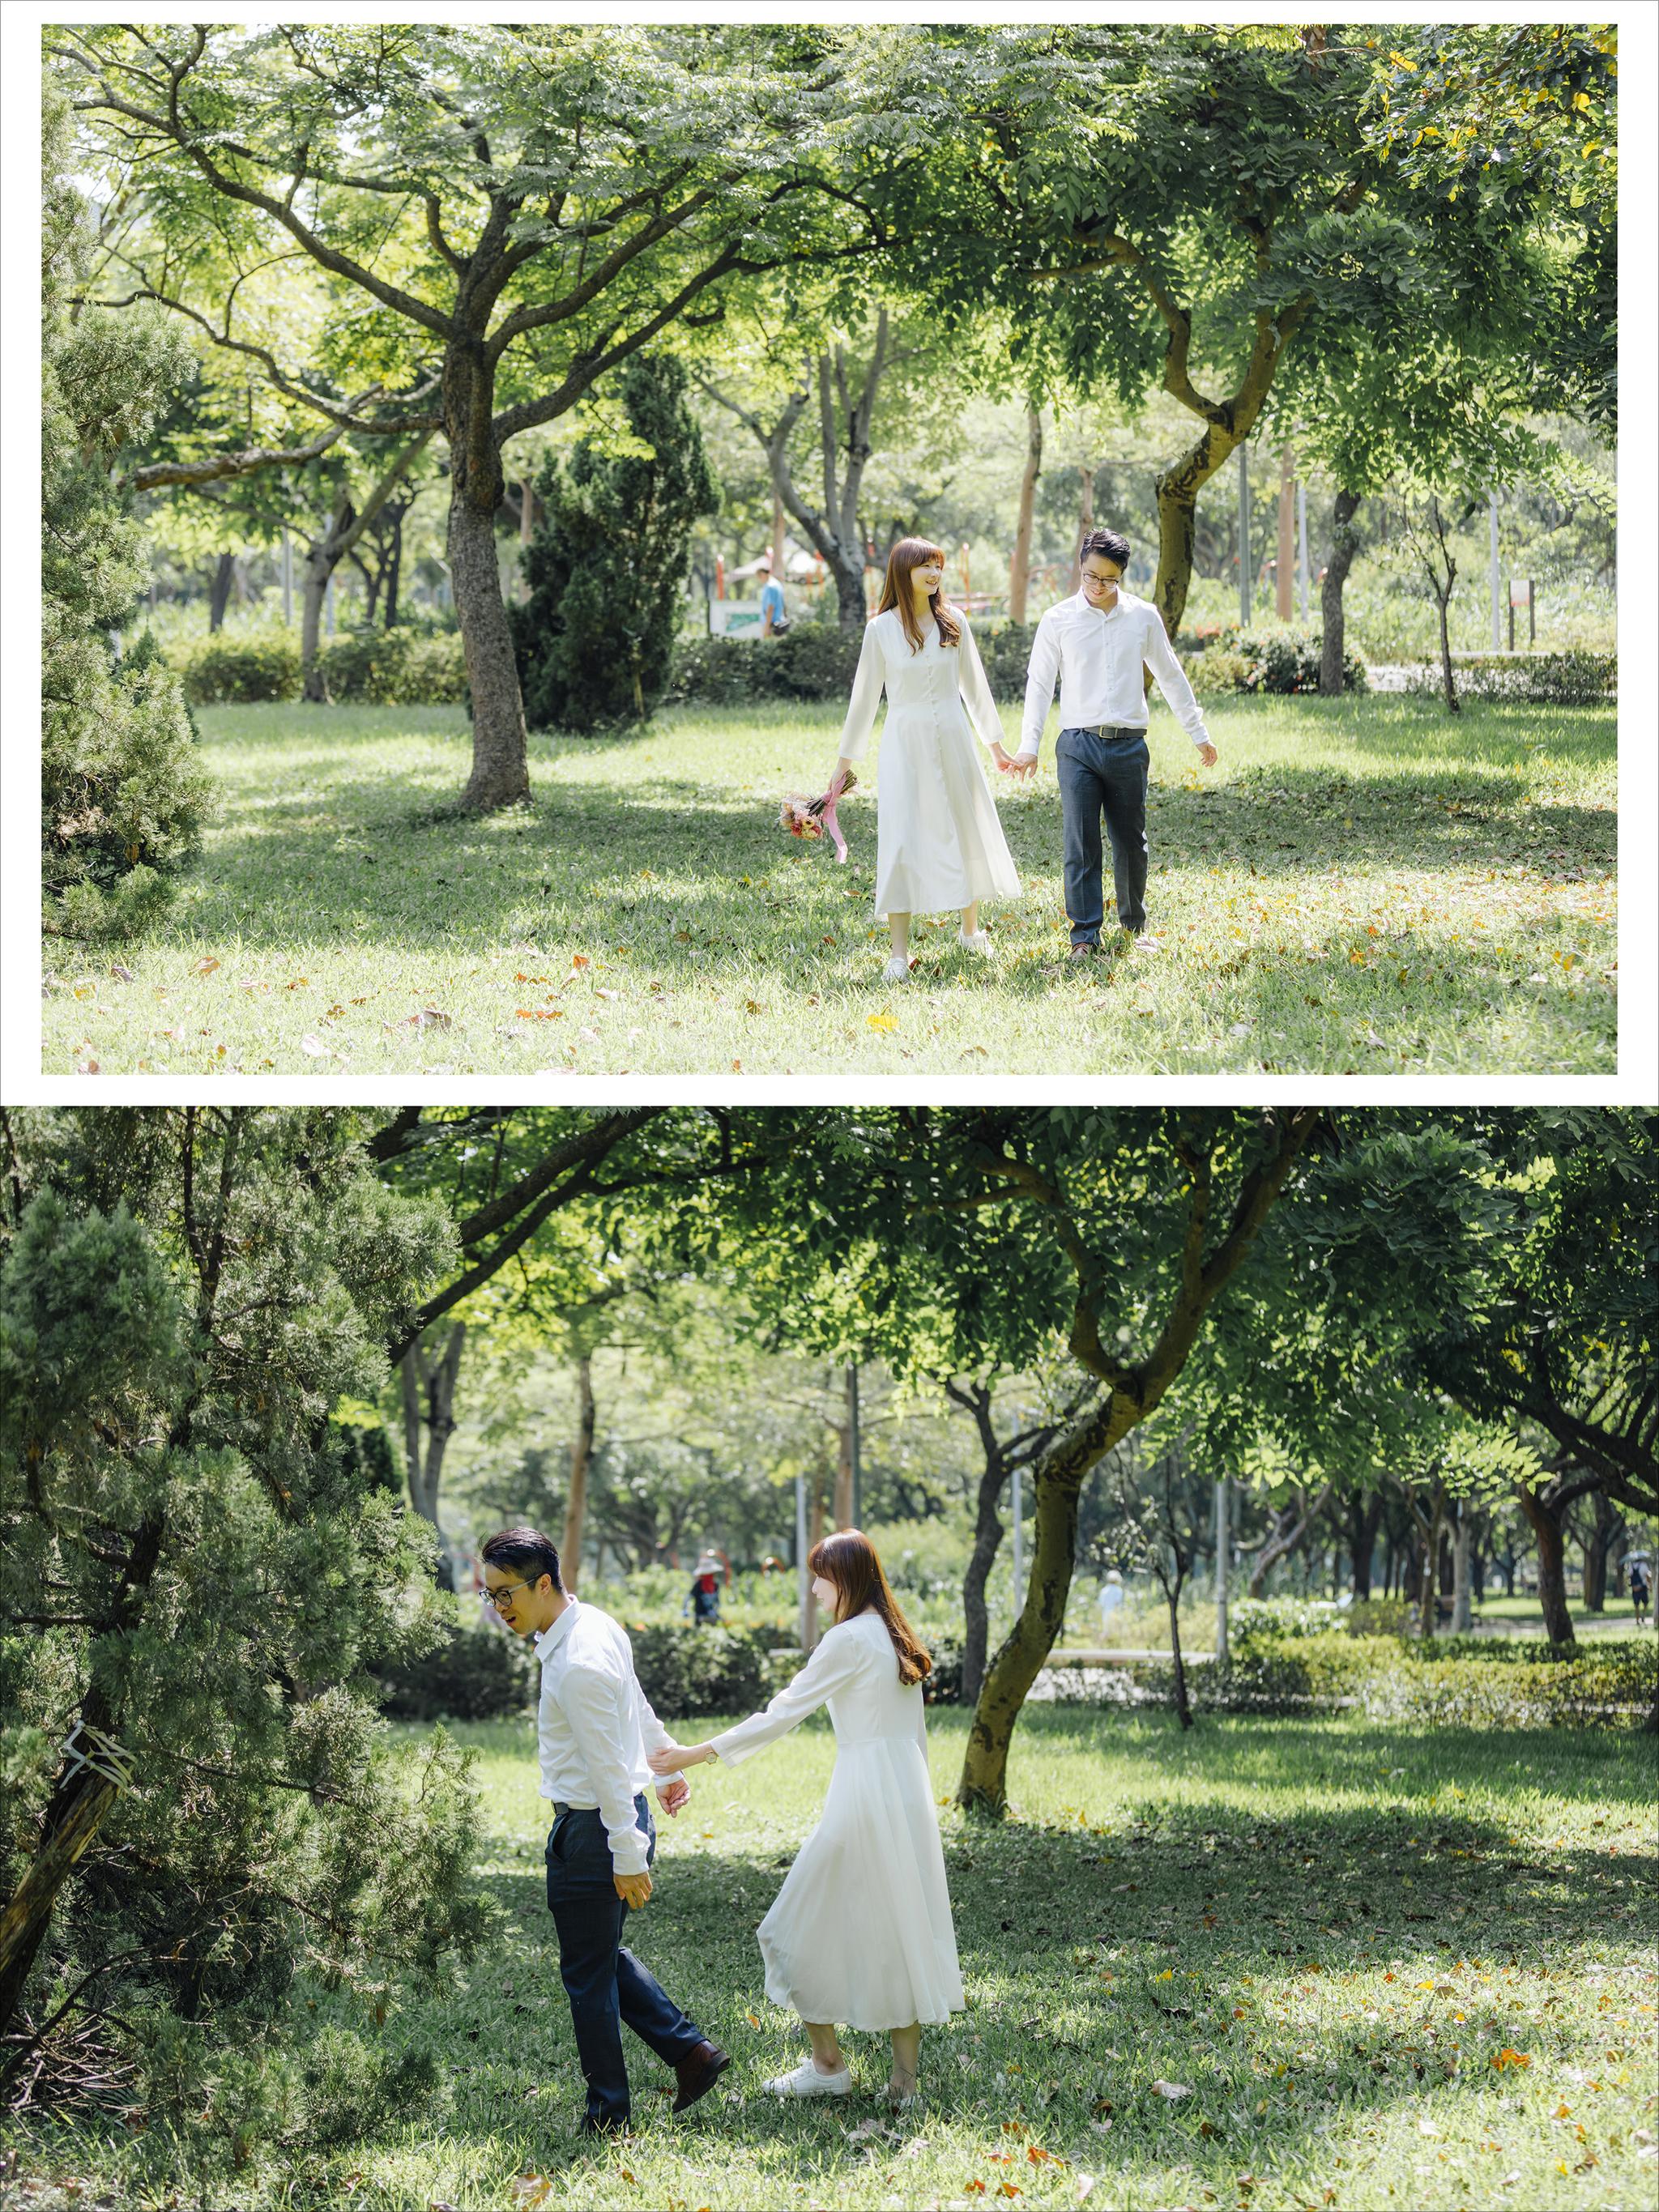 50667201123 8489e8d48e o - 【證婚寫真】+宏哲&菀琳+